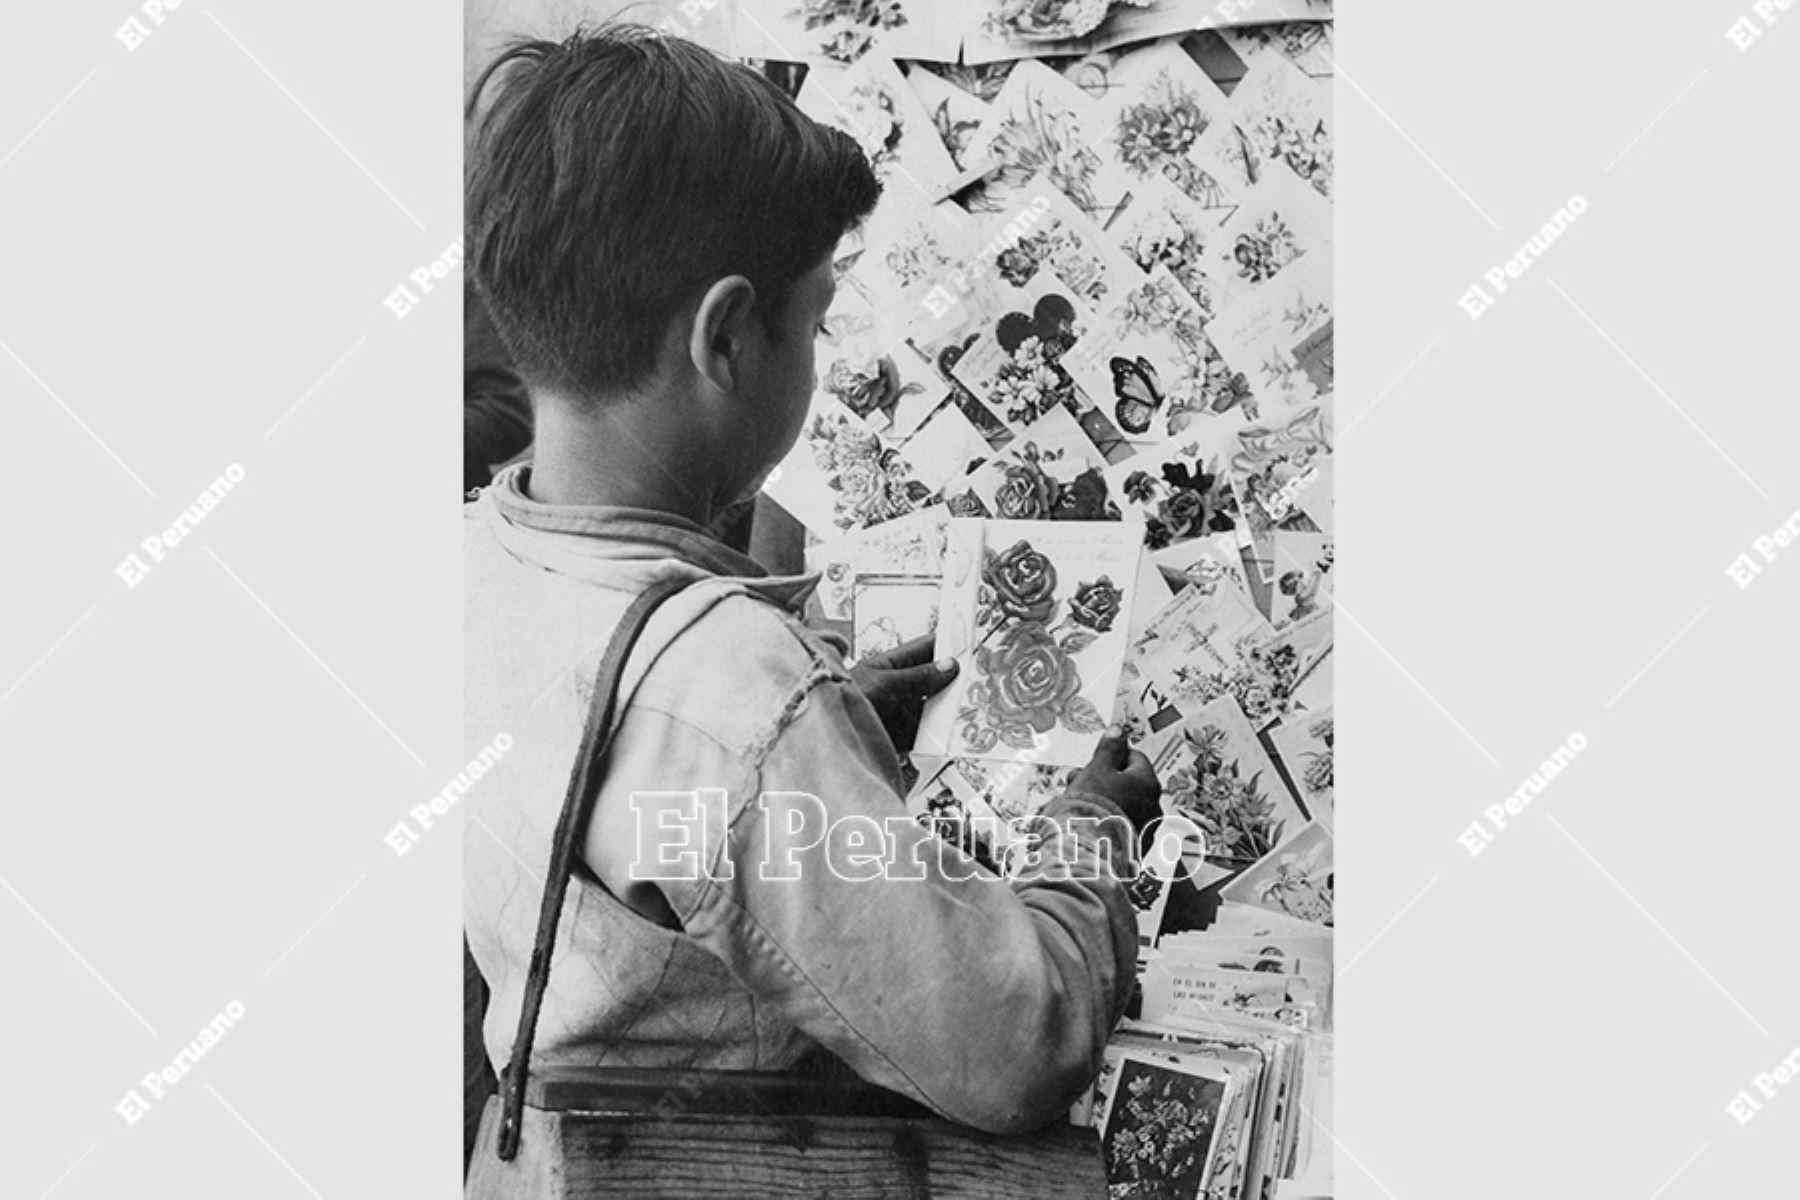 Lima - 9 mayo 1959 / Un canillita escoge una tarjeta para obsequiarla a su progenitora en el Día de la Madre. Foto: Archivo Histórico de El Peruano